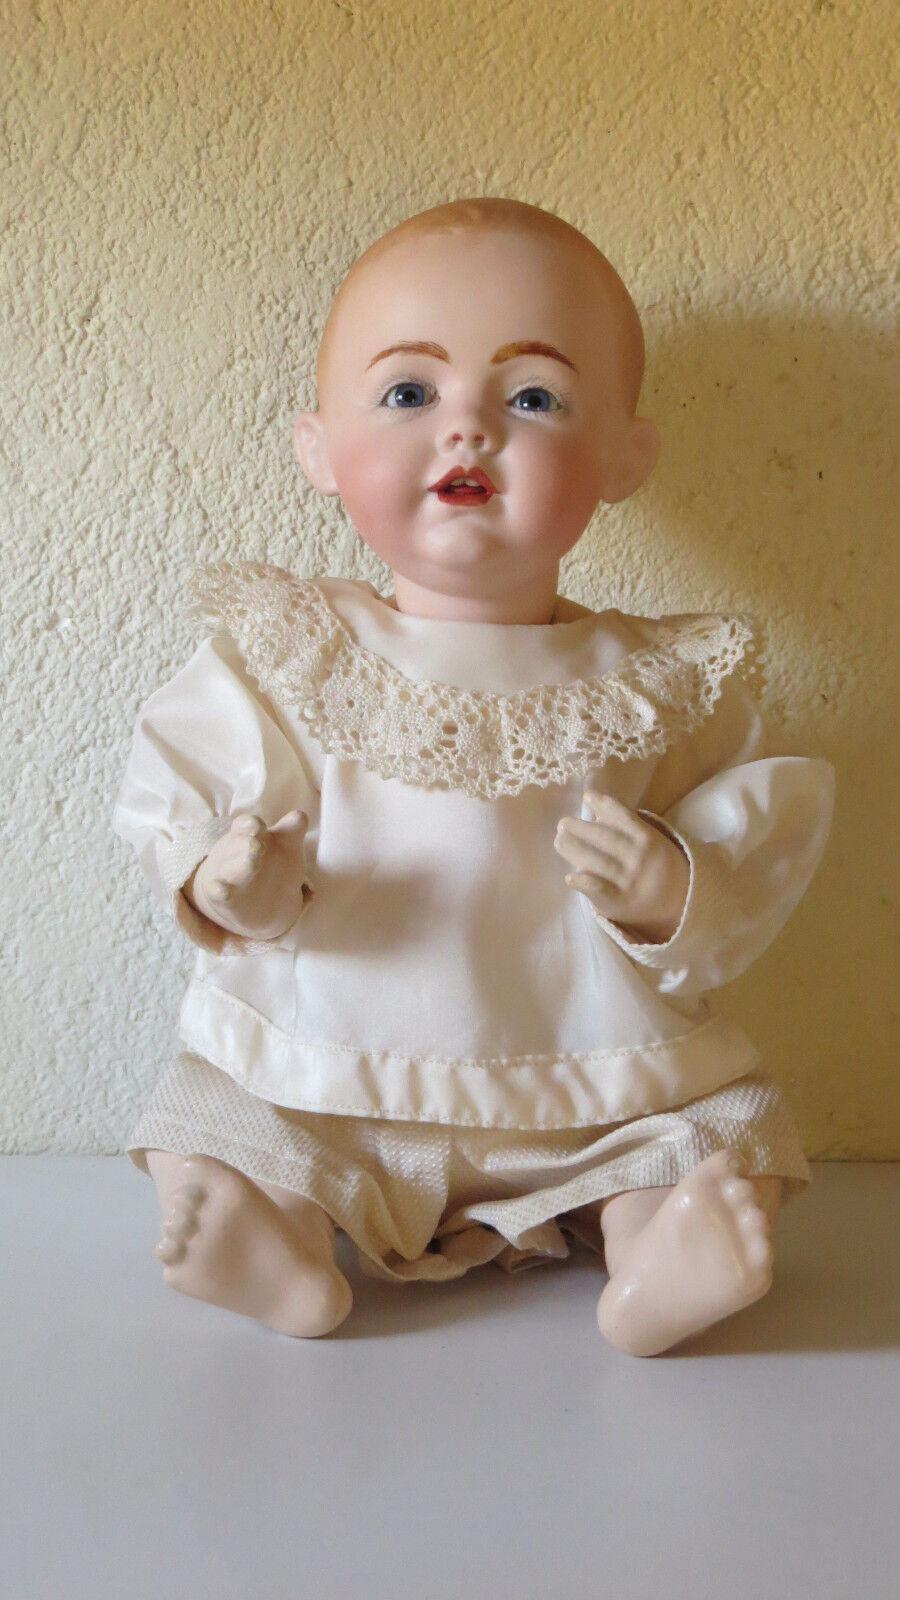 KESTNER 38 CM 15,2 Pollici Bambola Vintage Riproduzione Antique Doll